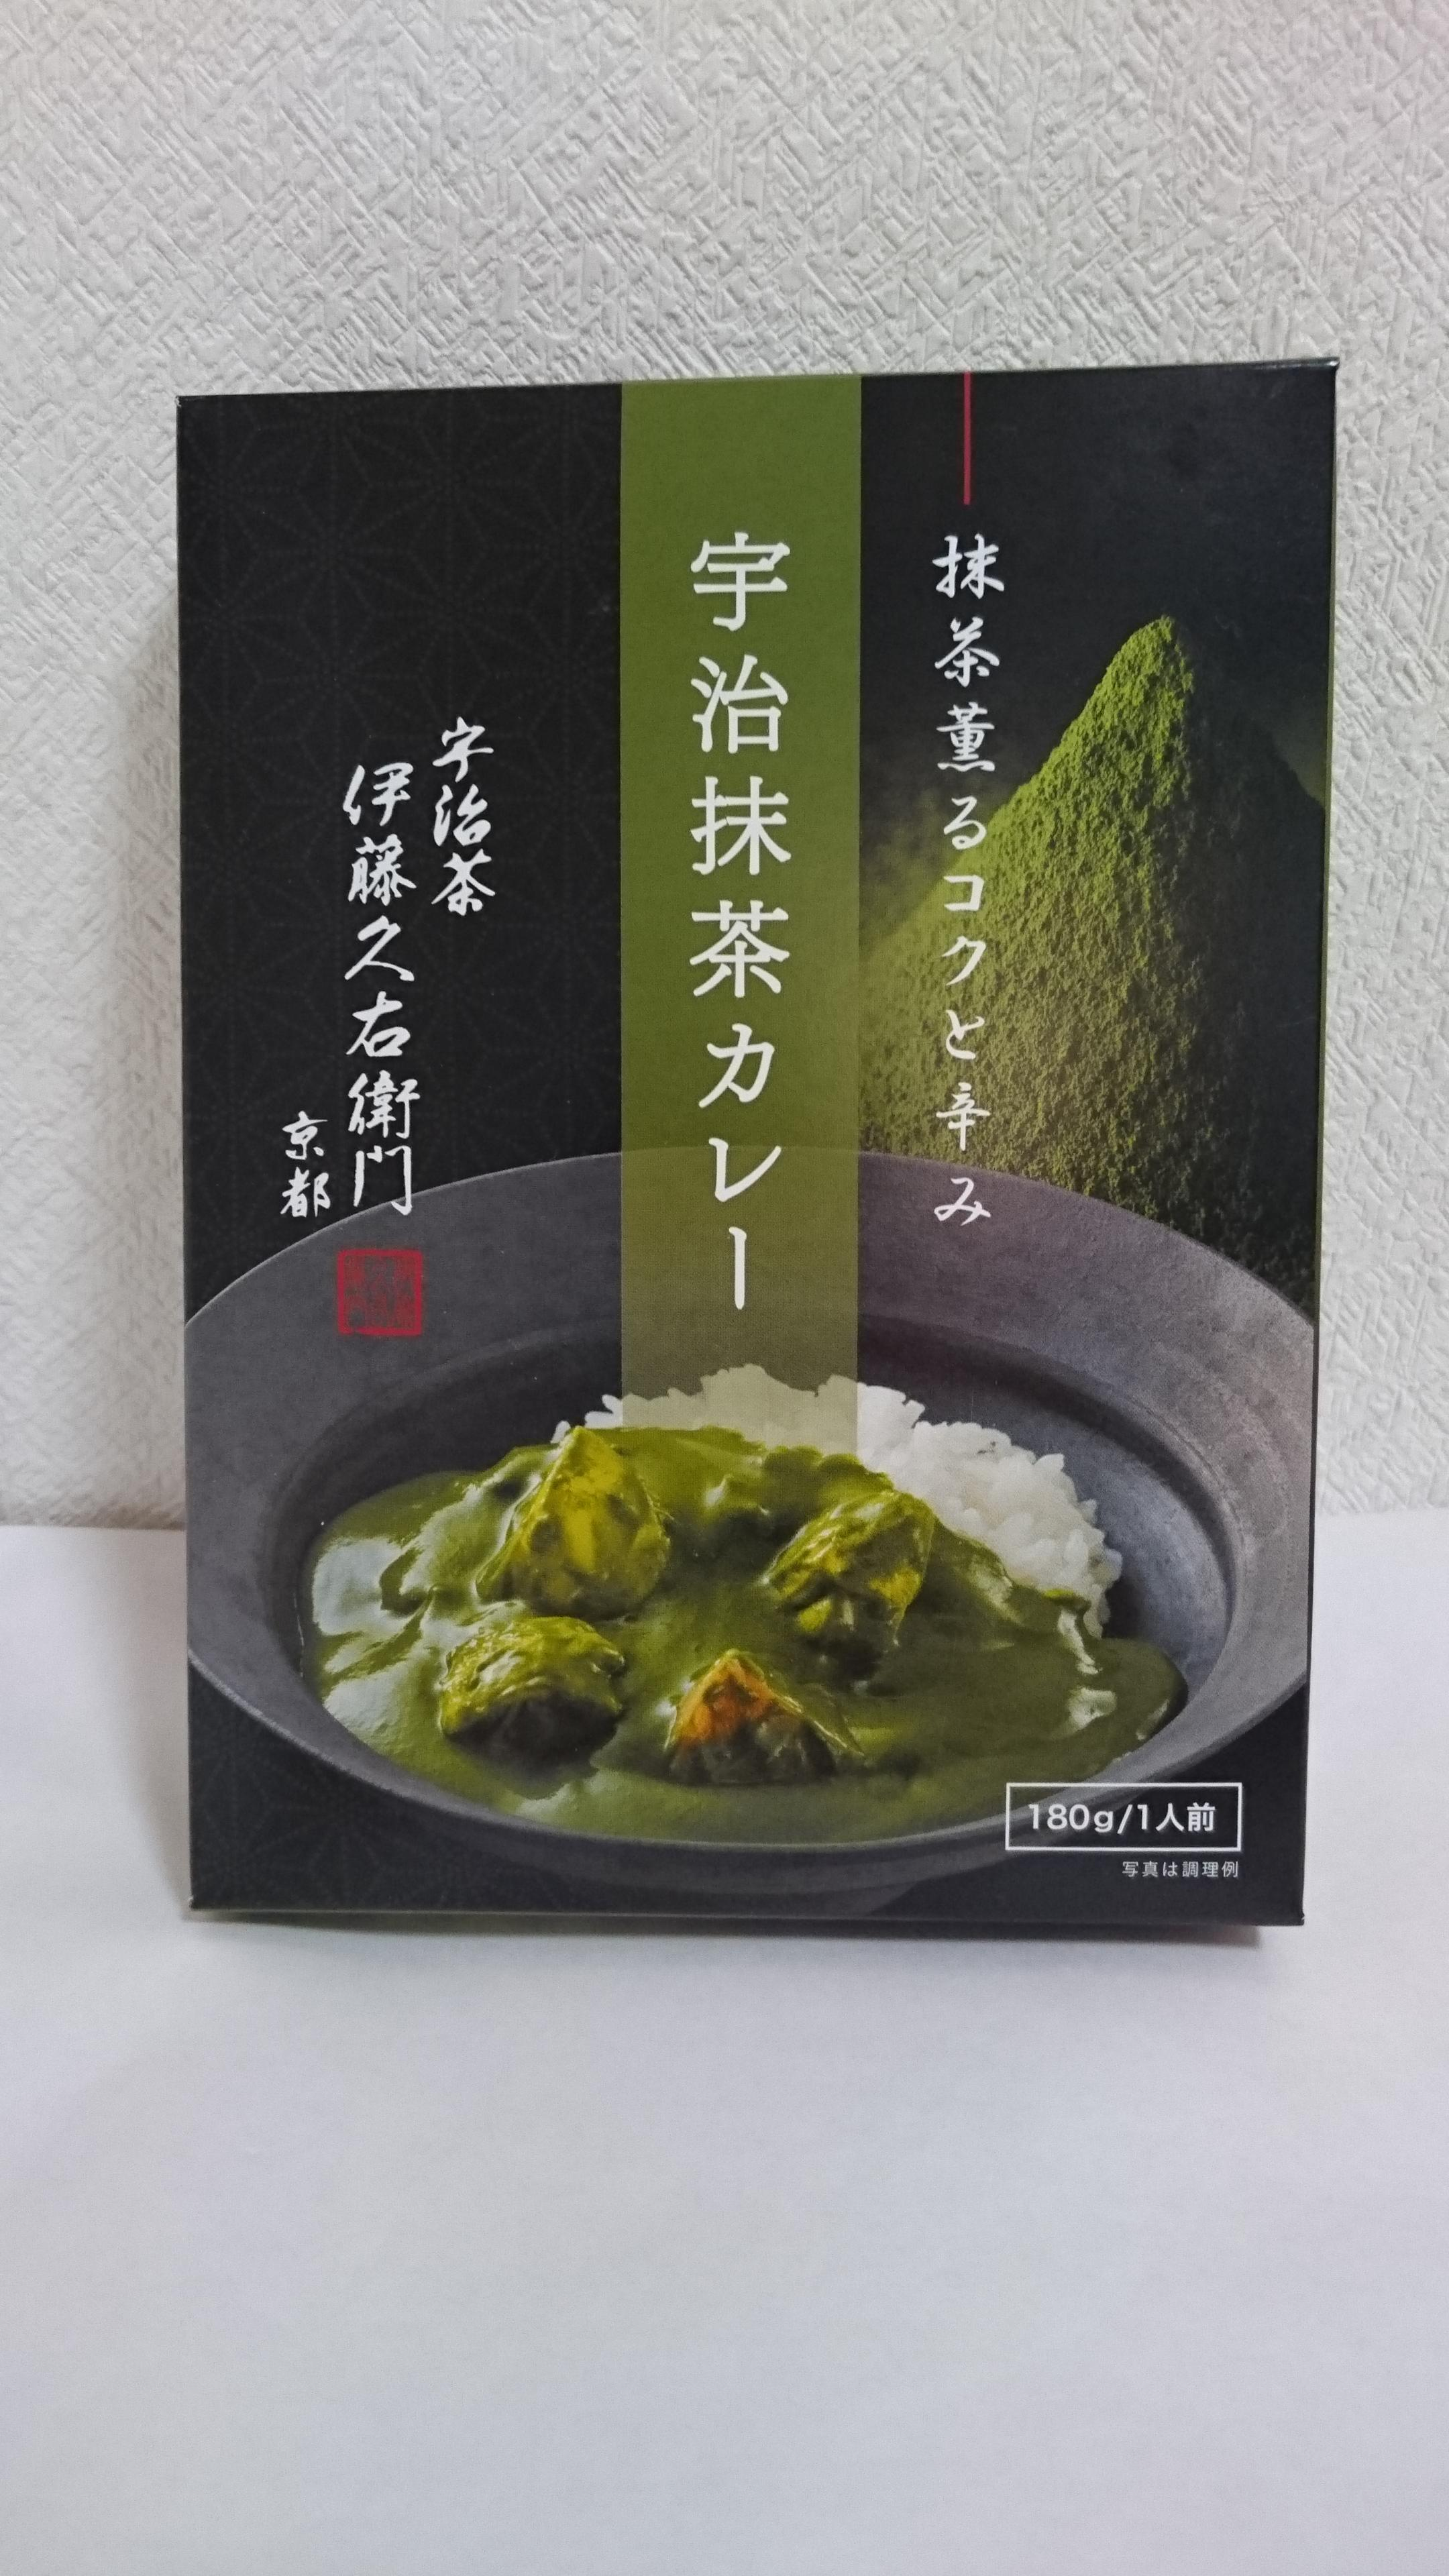 宇治抹茶カレー!?